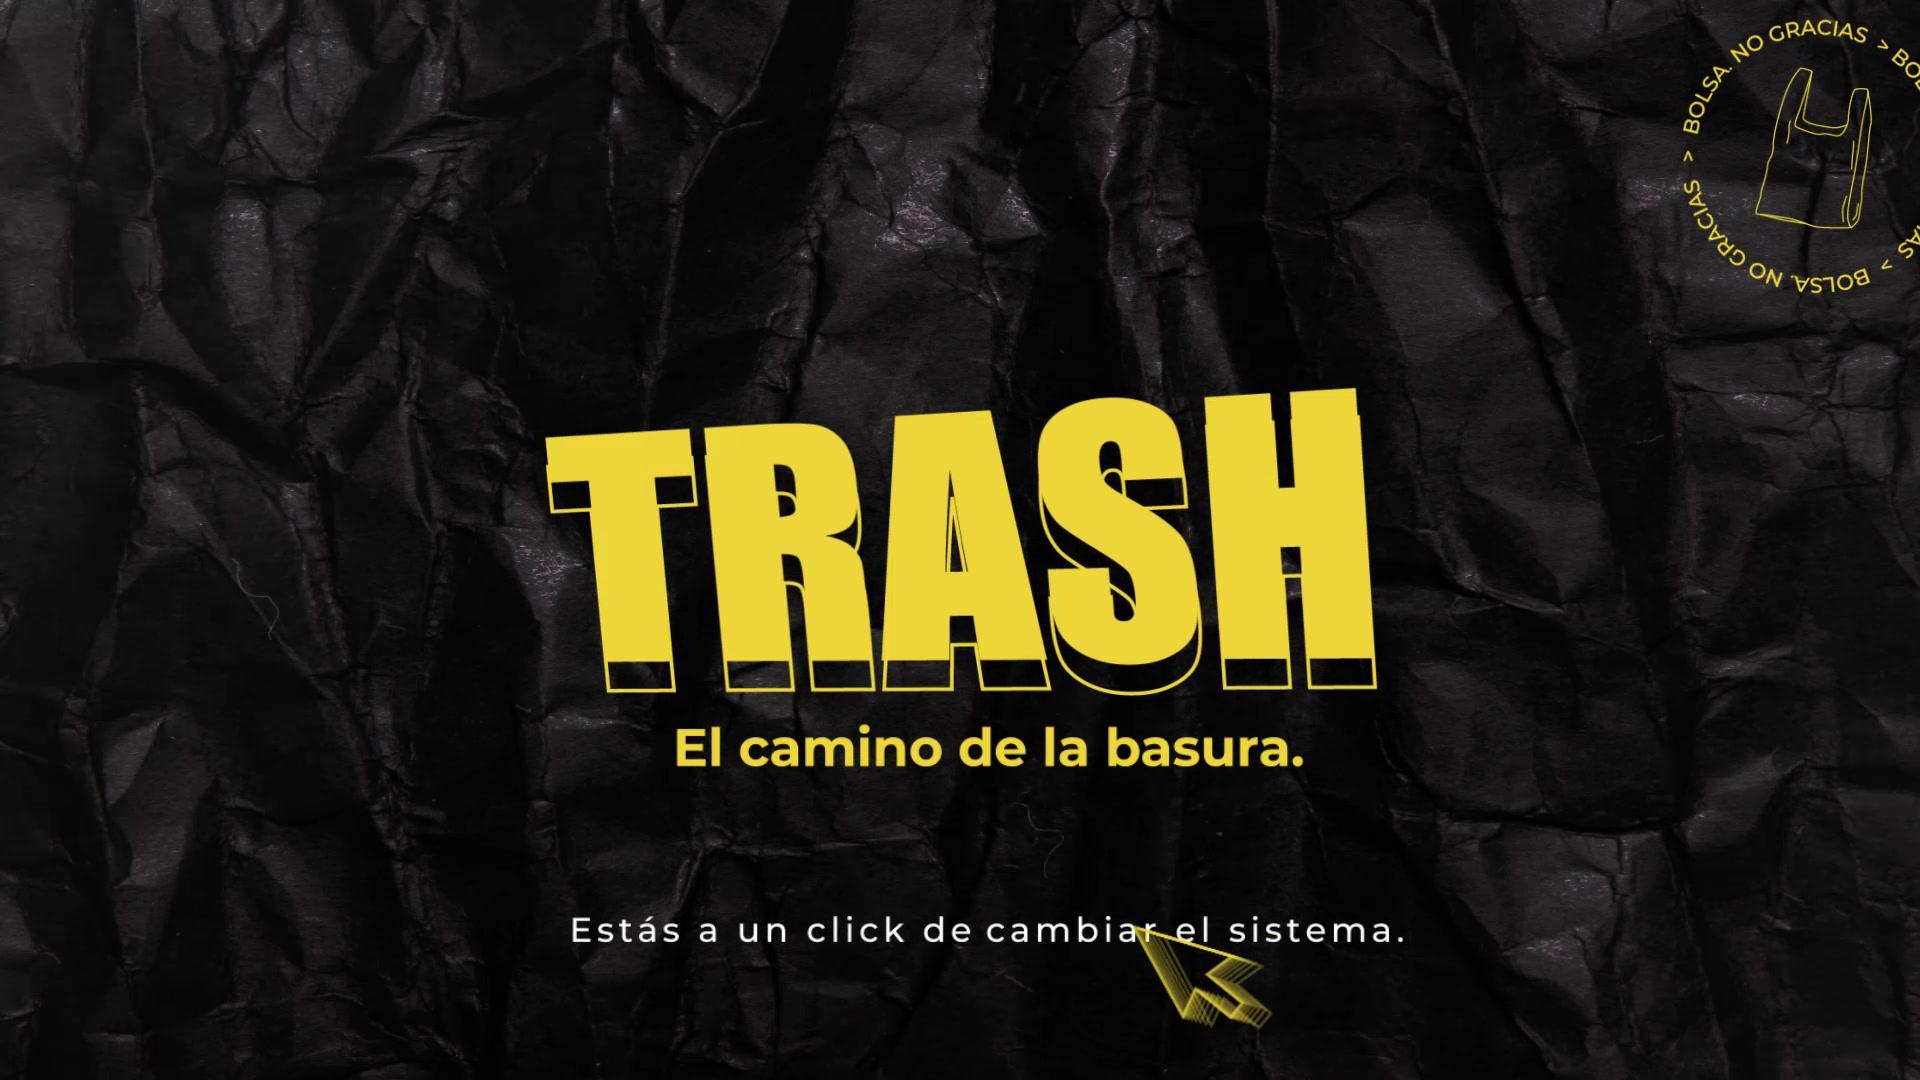 Todo sobre Trash, el primer documental interactivo sobre residuos en Argentina